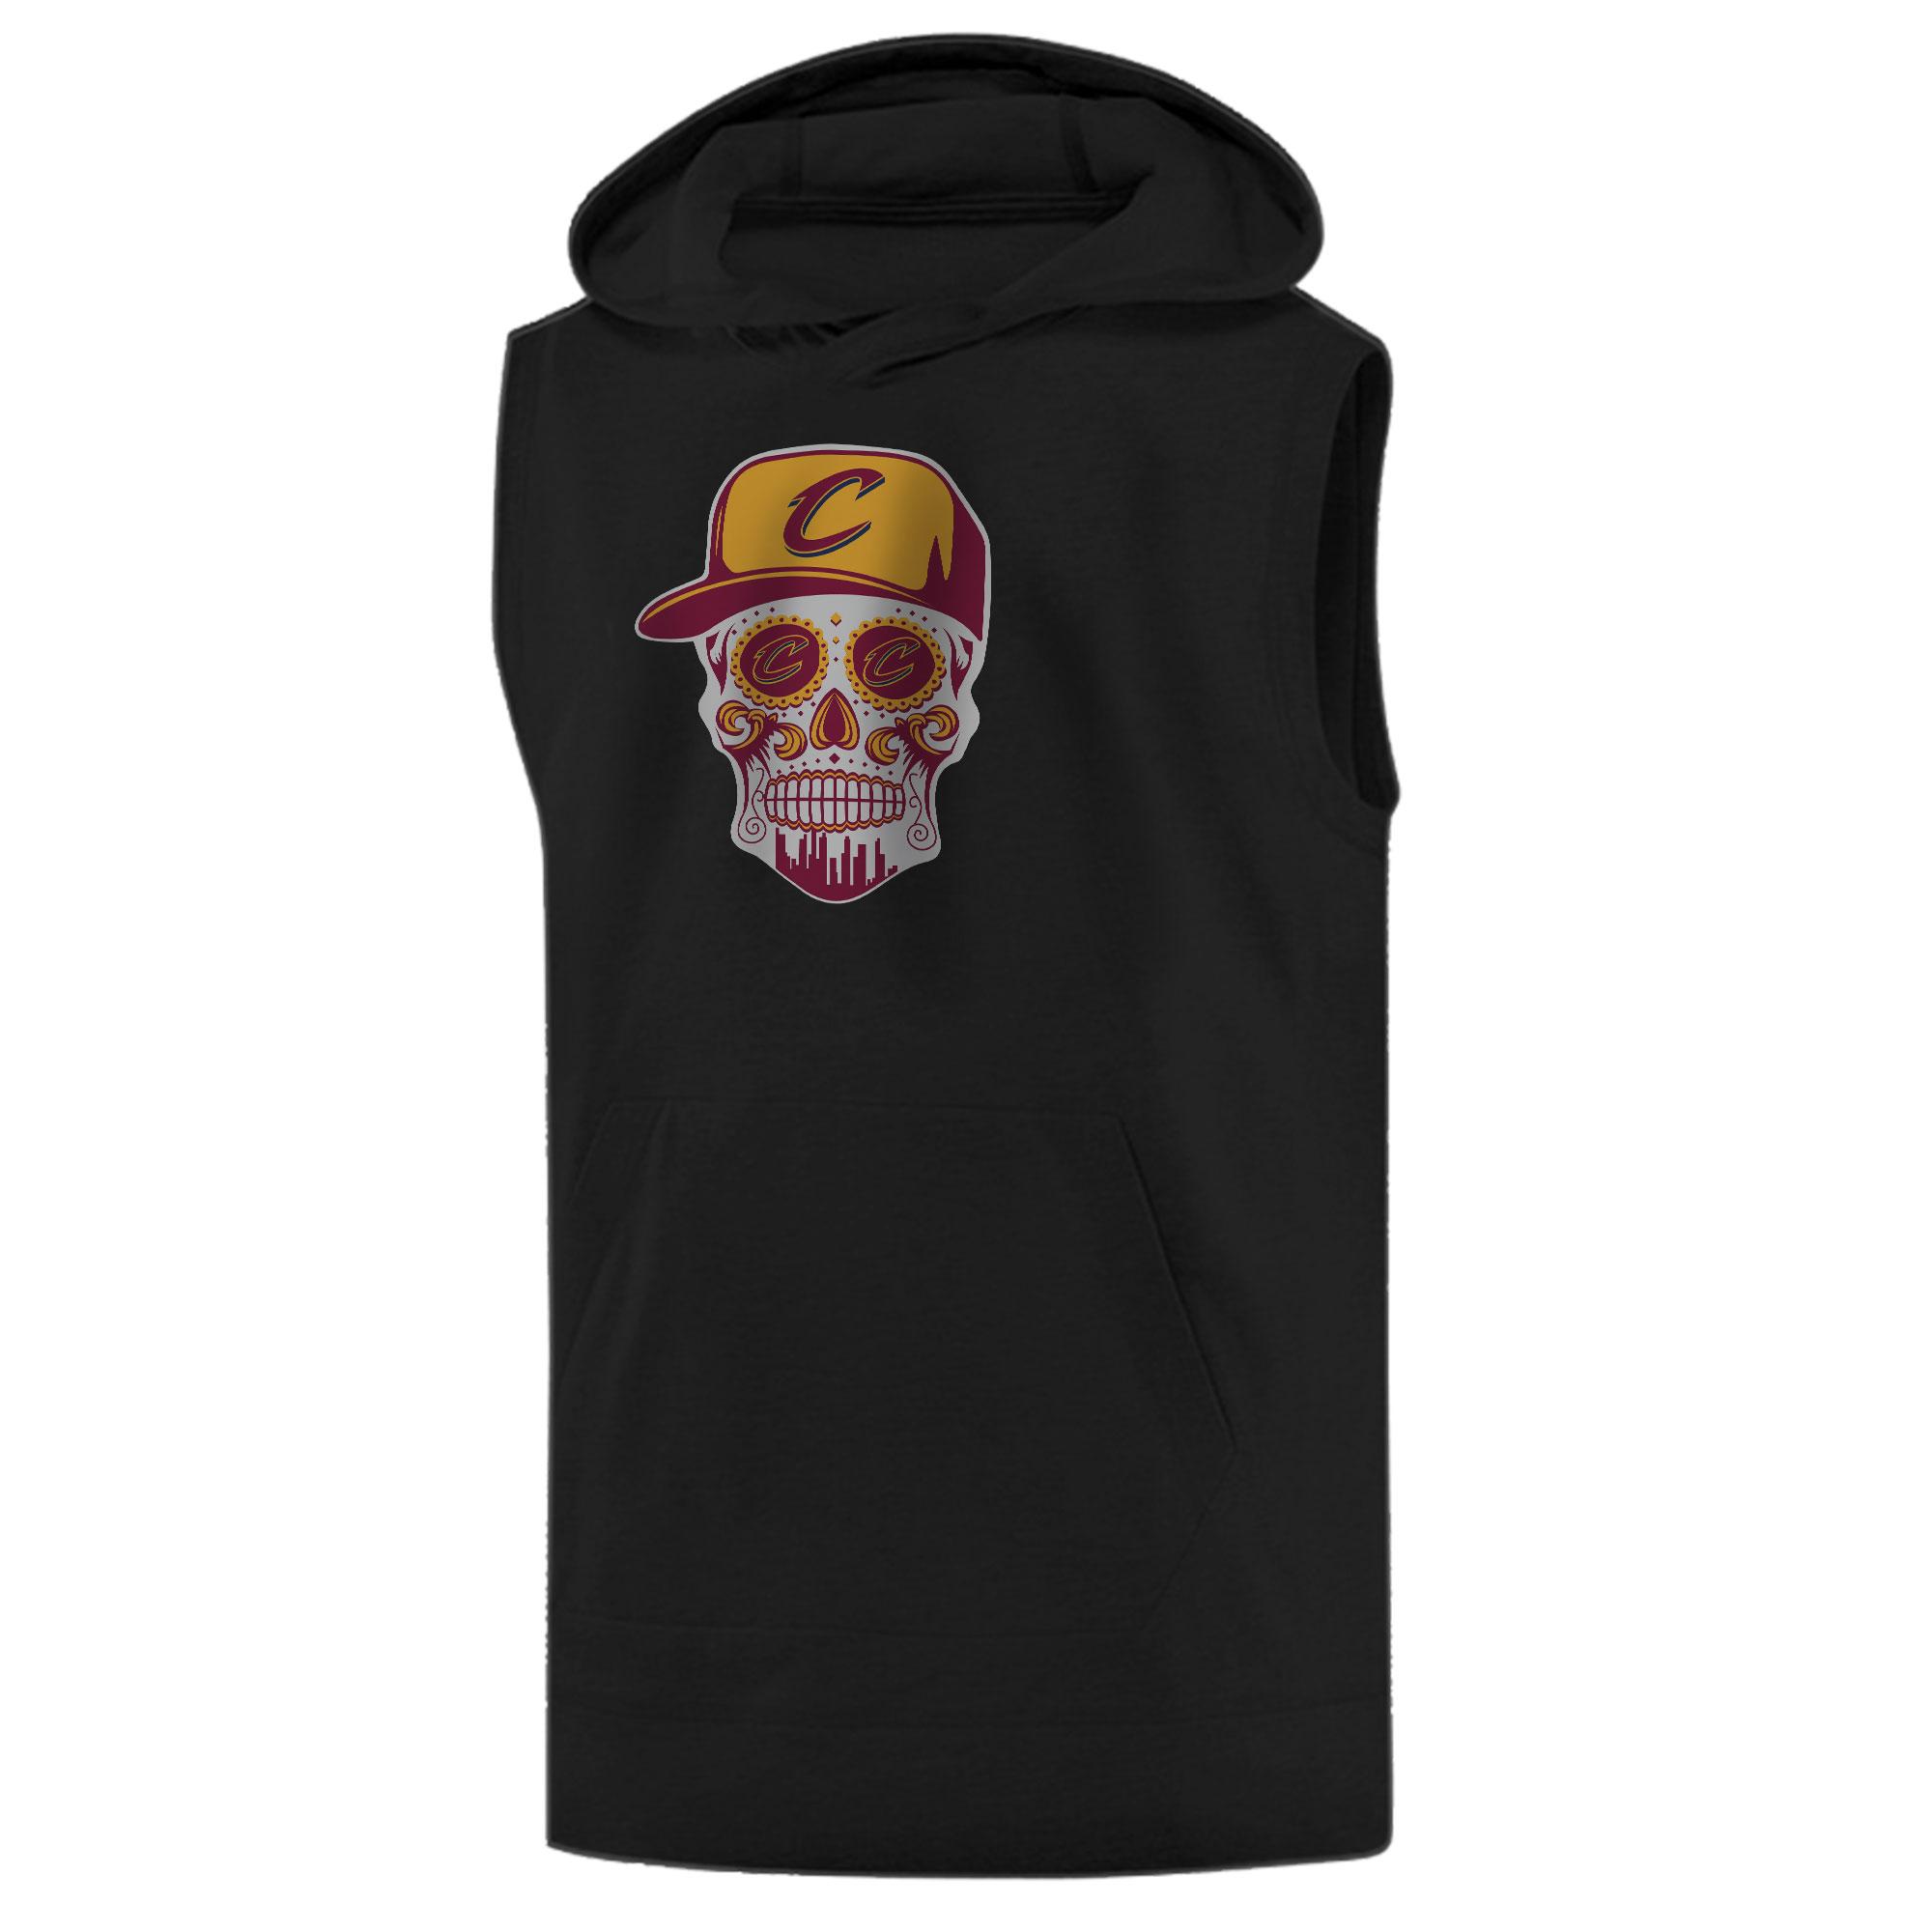 Cleveland Skull  Sleeveless (KLS-BLC-NP-449-NBA-CLE-SKULL)